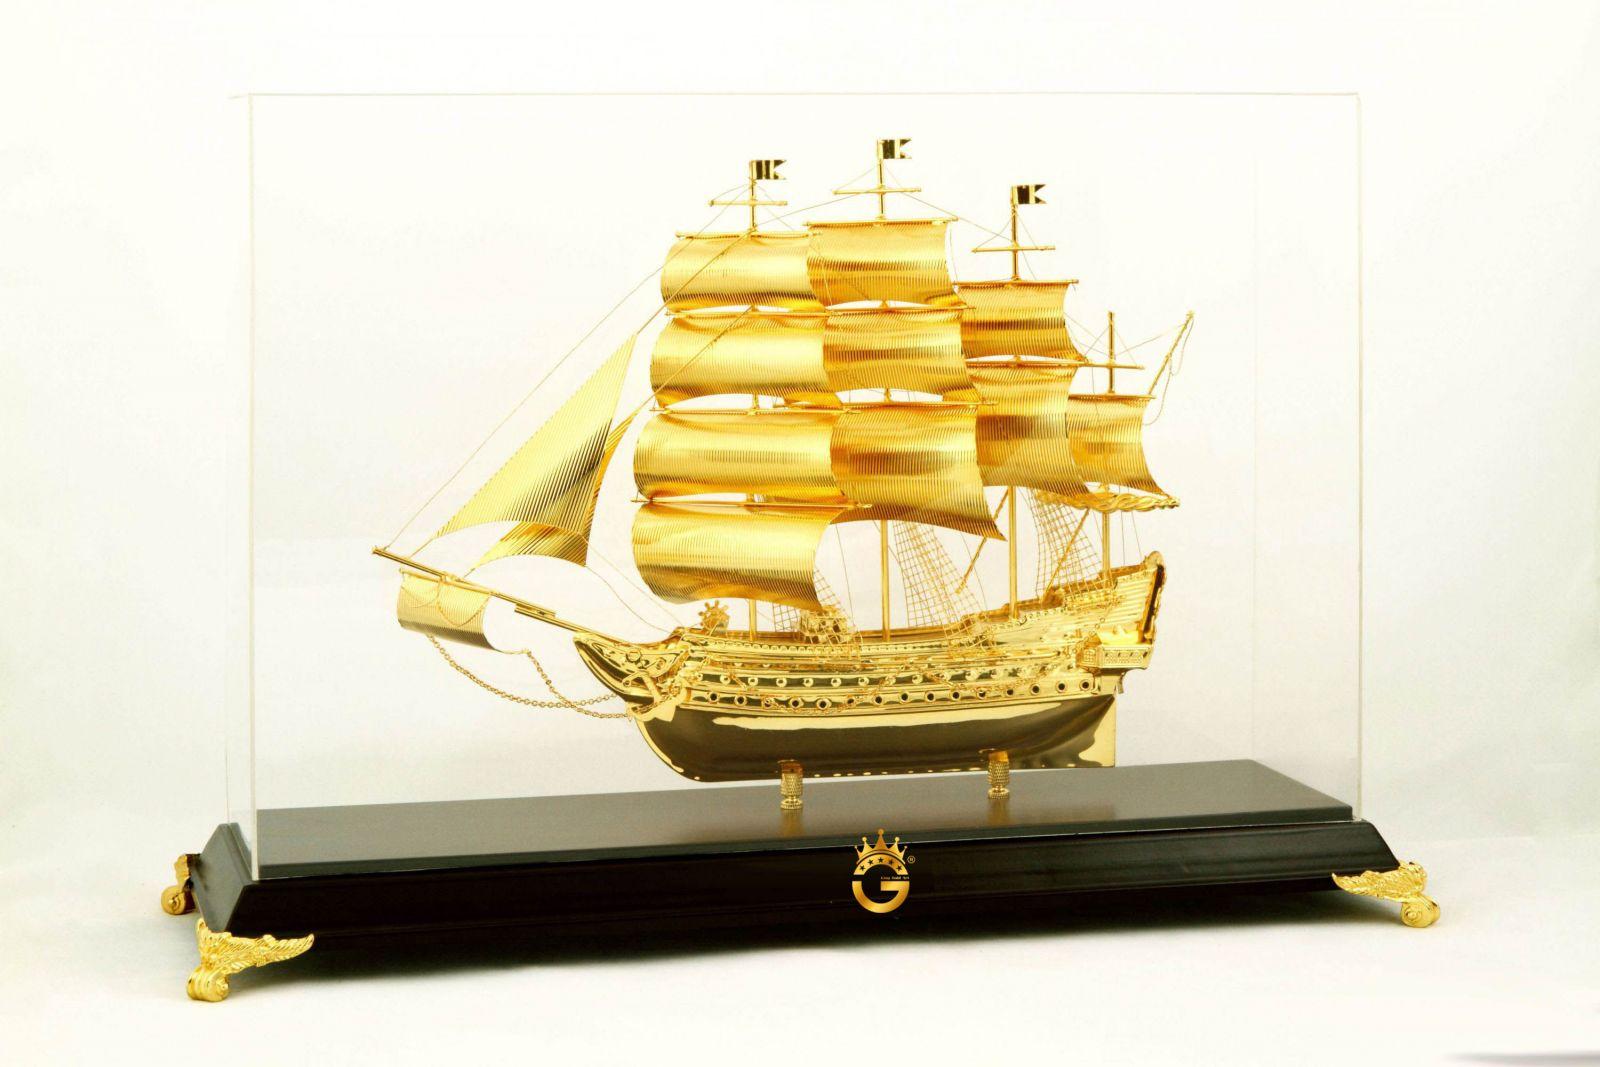 Thuyền buồm  mạ vàng để bàn làm việc, trang trí phòng khách